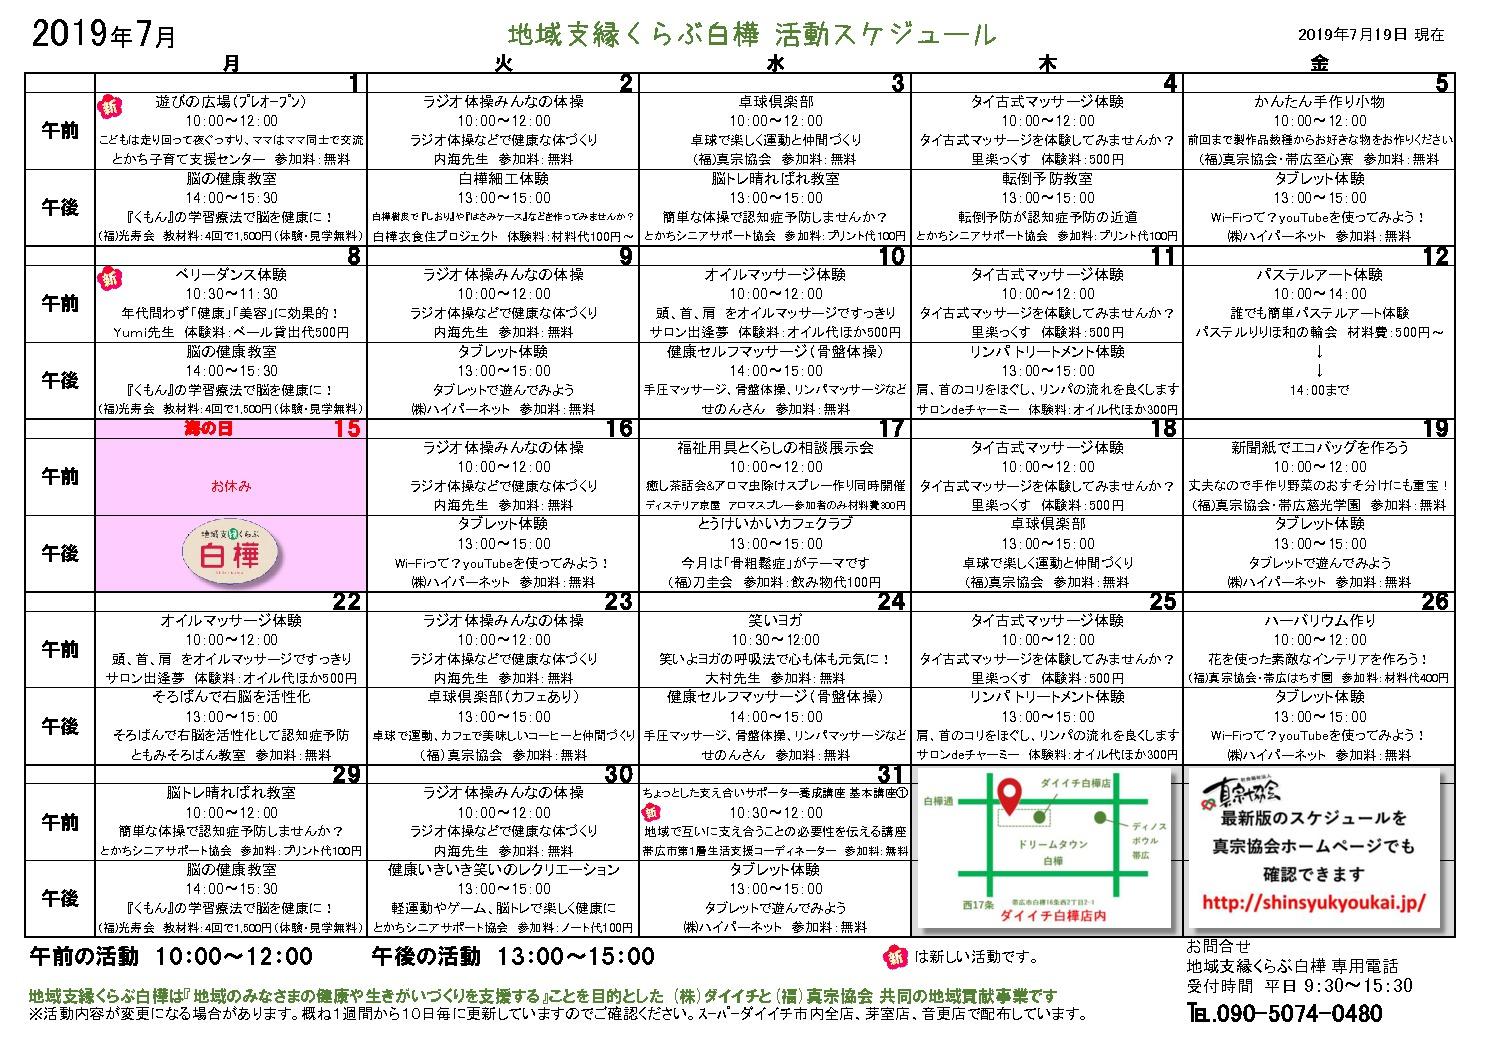 2019活動スケジュール7(2019.7.19付)のサムネイル